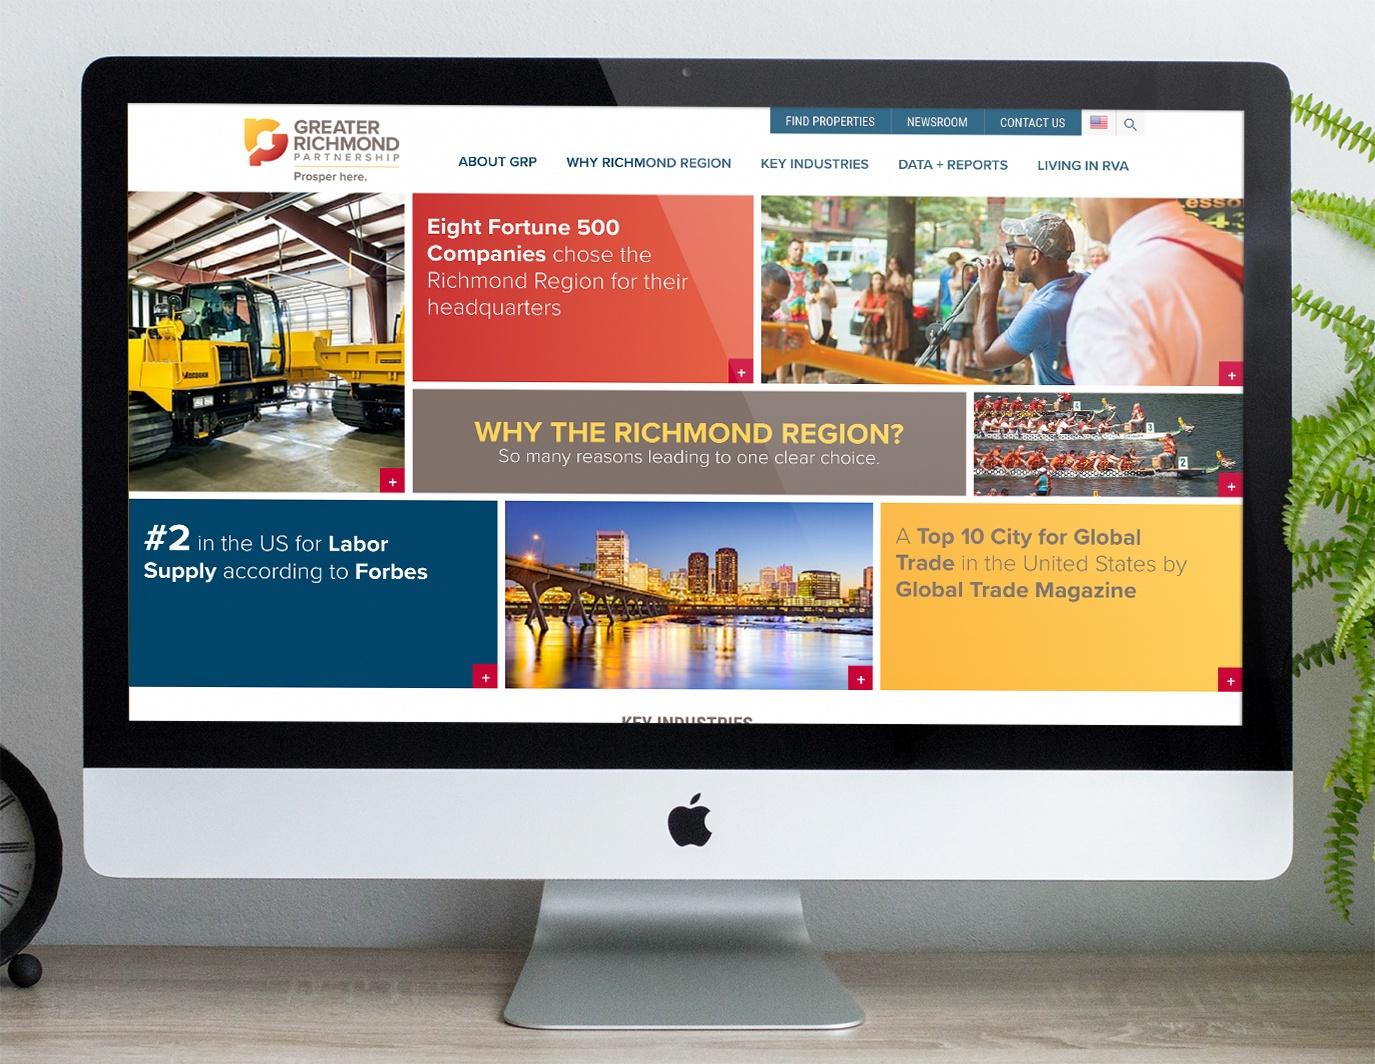 Greater Richmond Partnership website as shown on a desktop computer